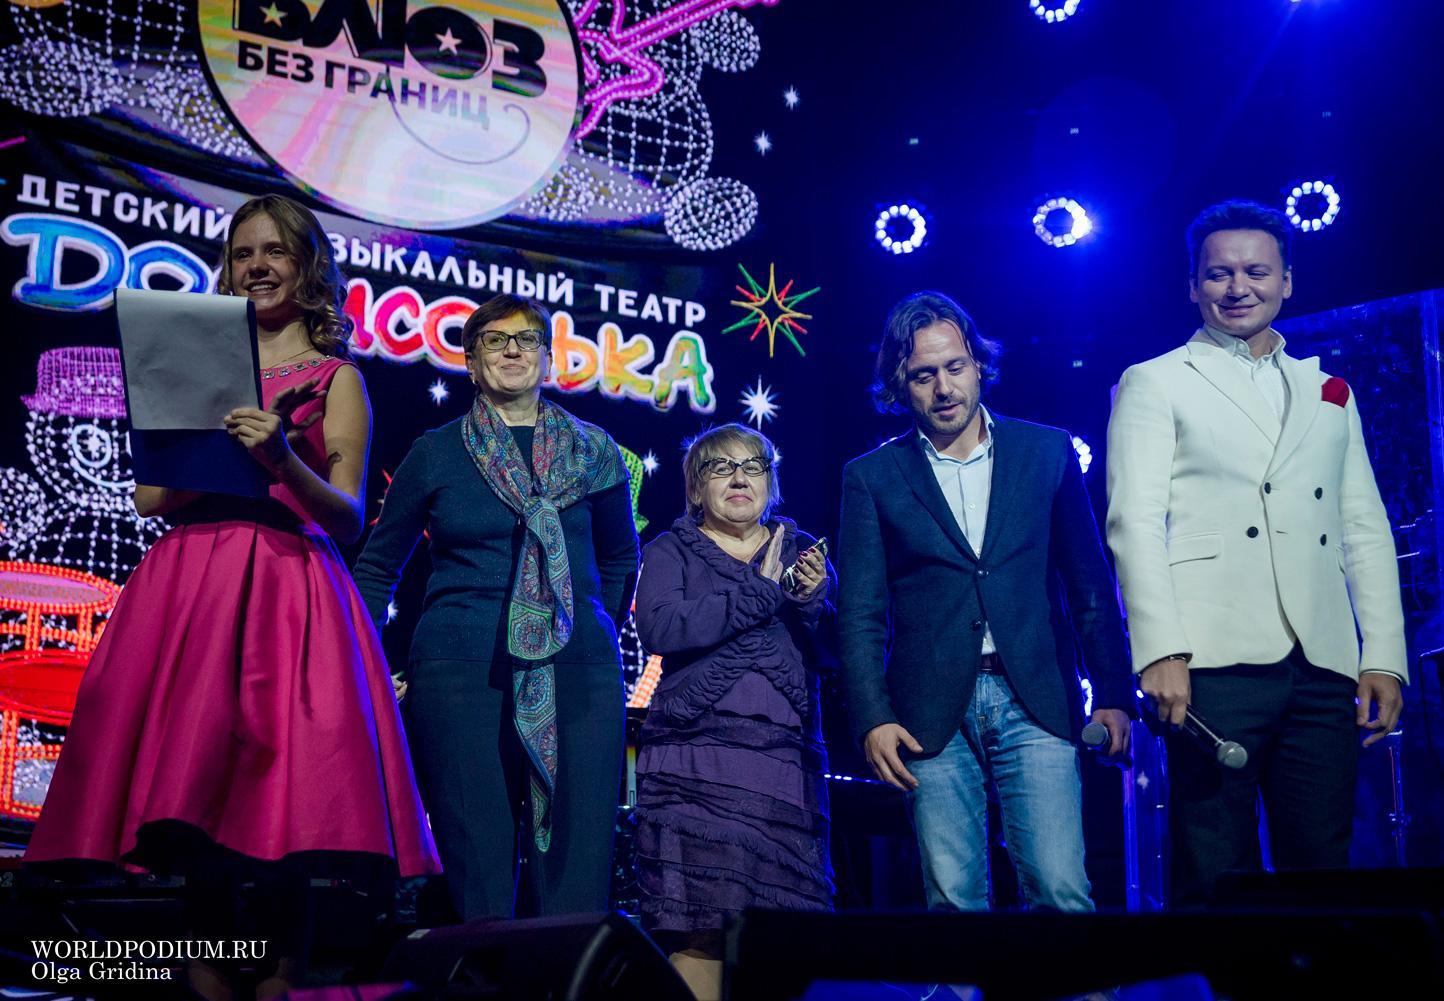 Фестиваль «Блюз без границ» с аншлагом прошёл в Москве!